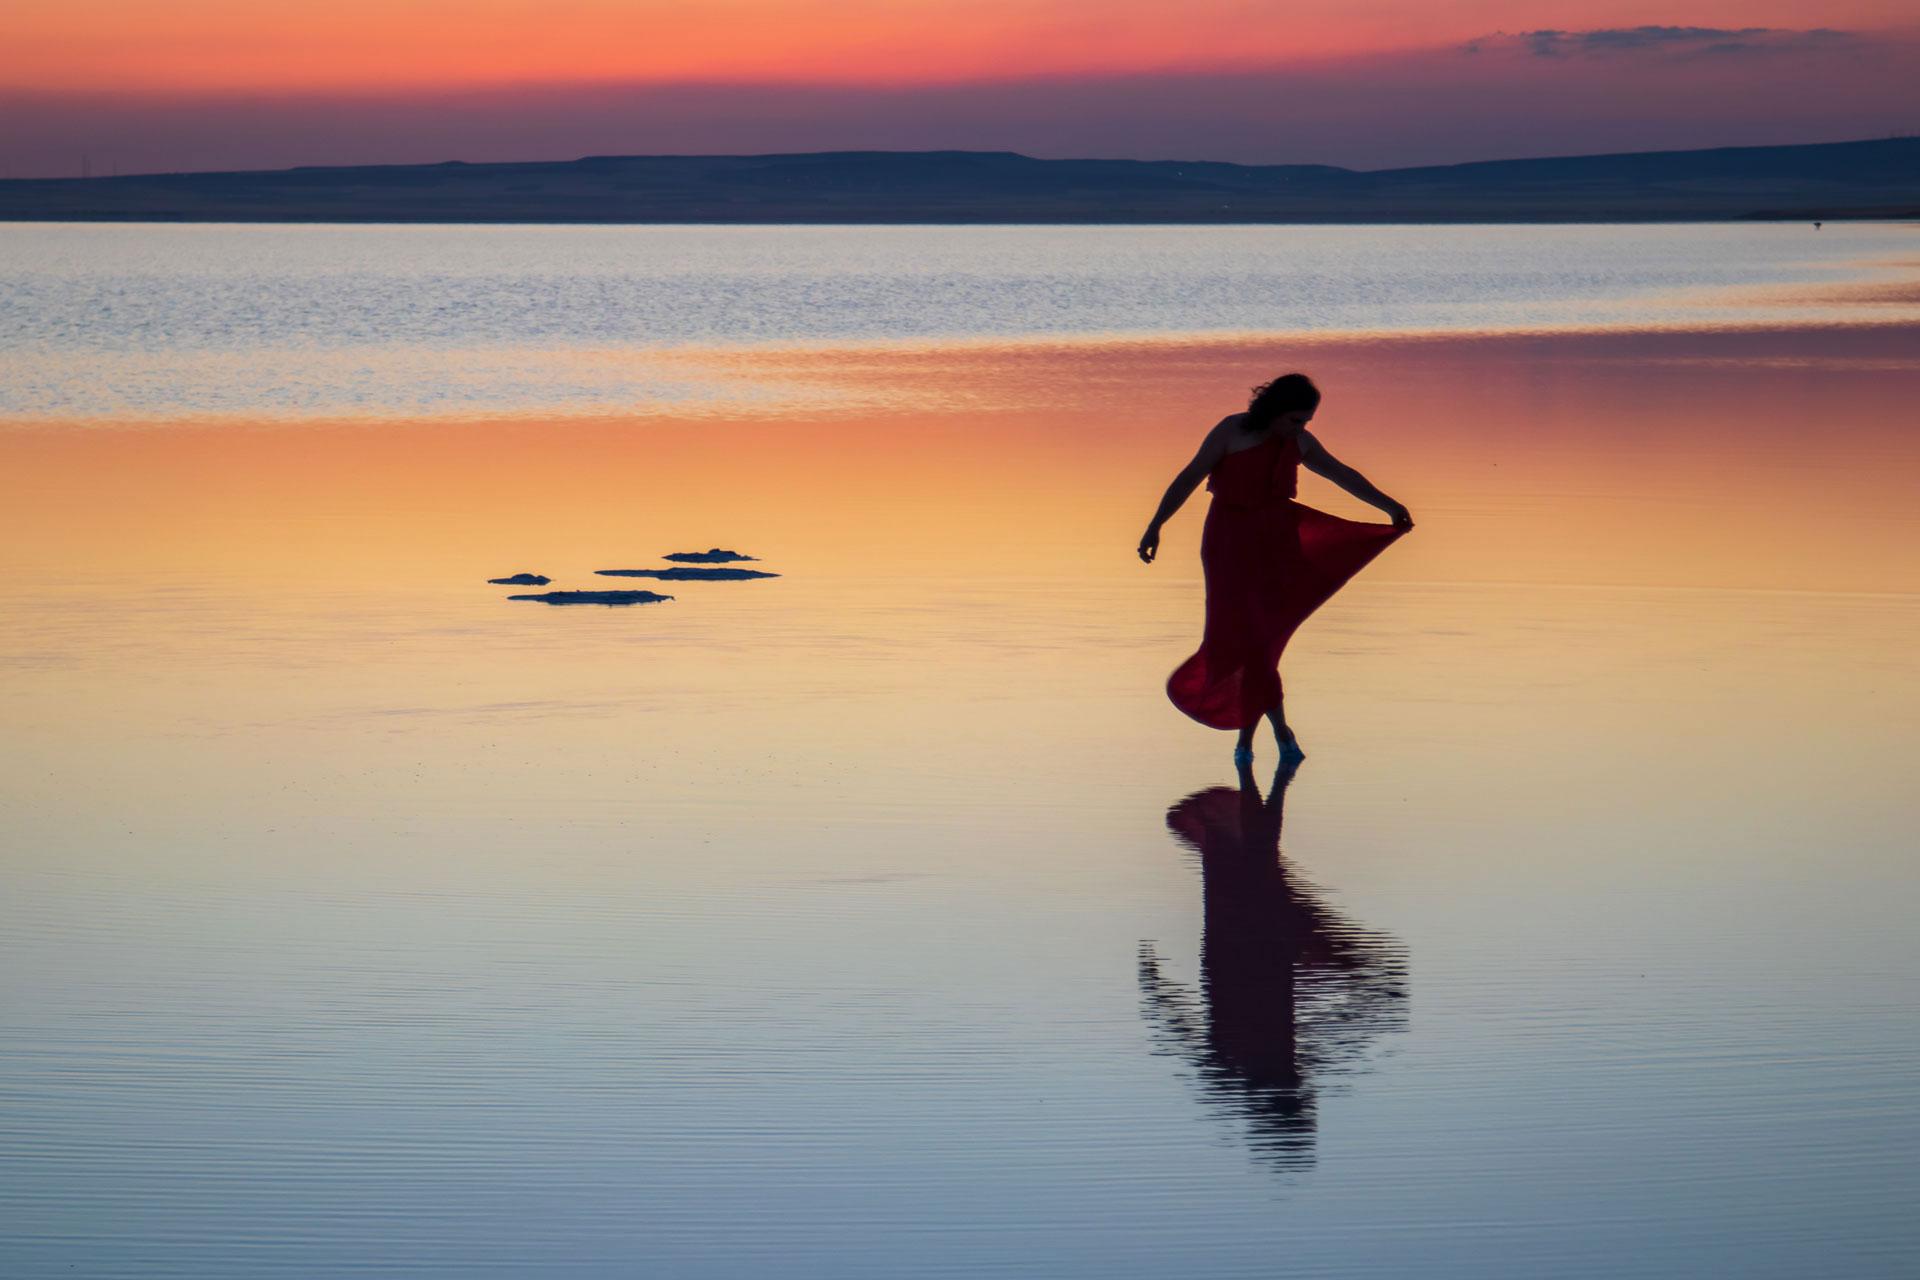 Tuz Gölü Fotoğrafları Tuz gölü resimleri Sunset Gün batımında yürüyen kadın ve yalnızlık Çekergezer Hakan Aydın Fotoğrafları Tuz Gölü görselleri